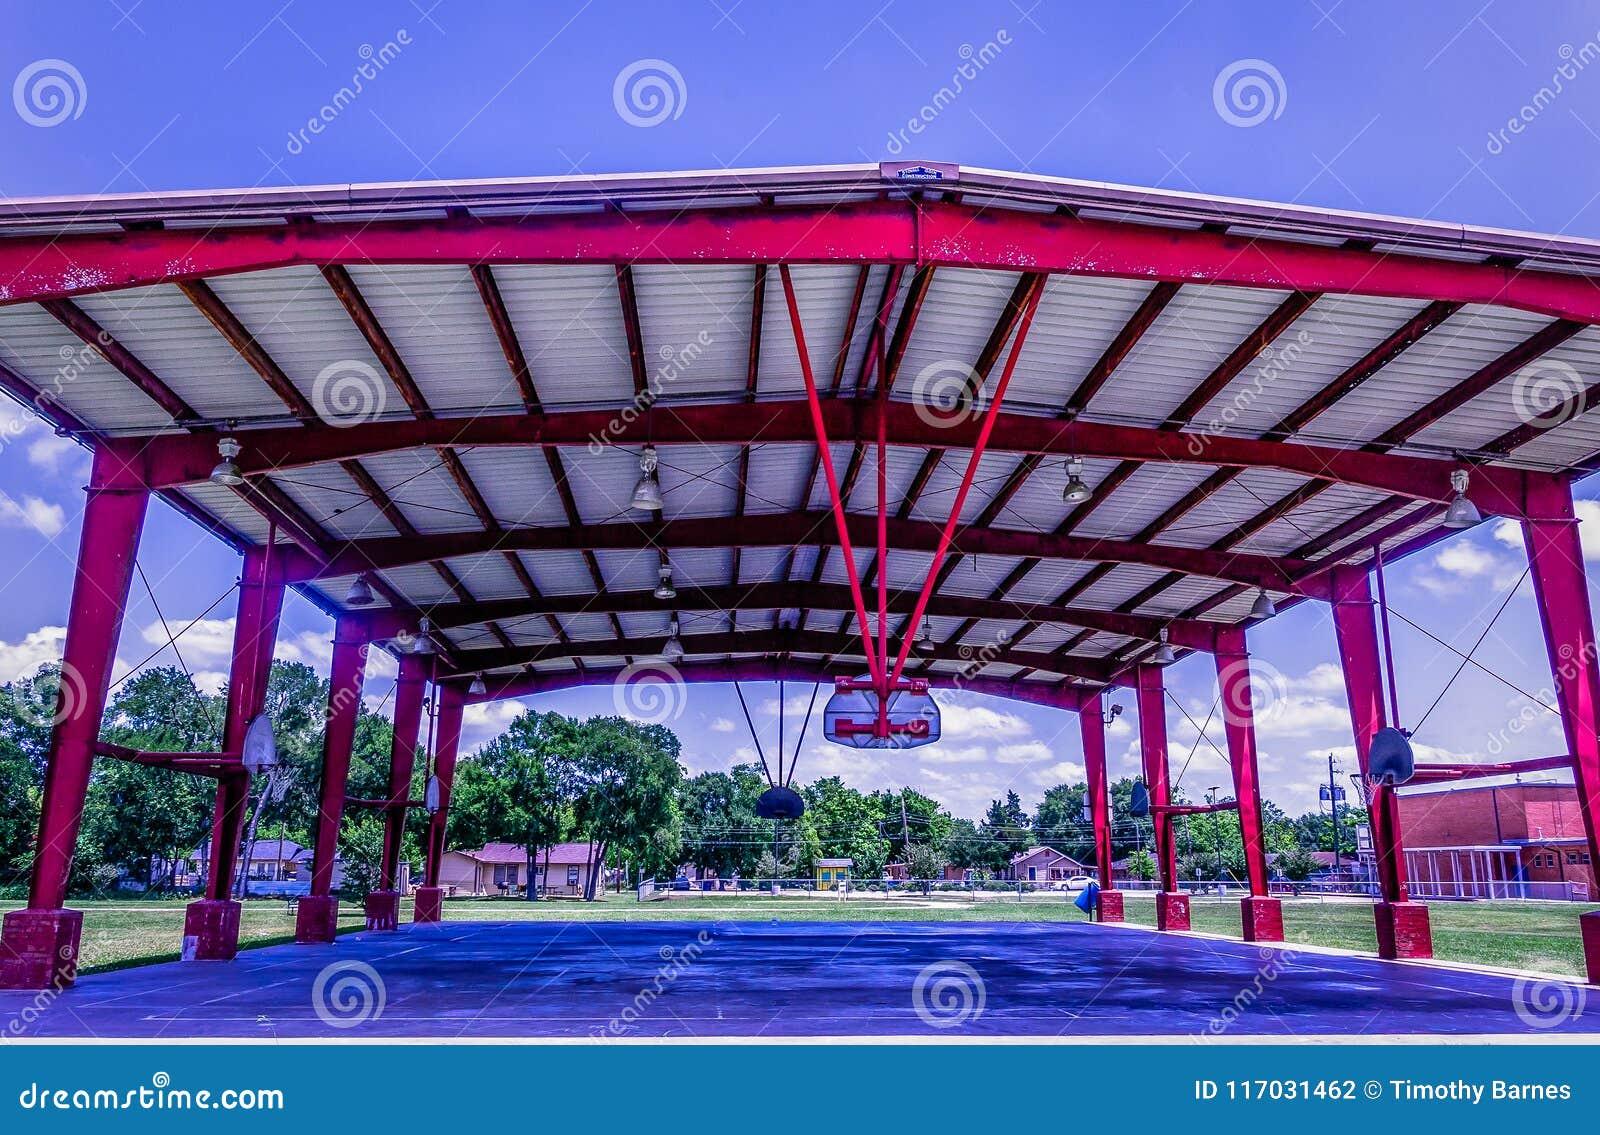 Ein Innenstadtbasketballplatz auf einem Spielplatz